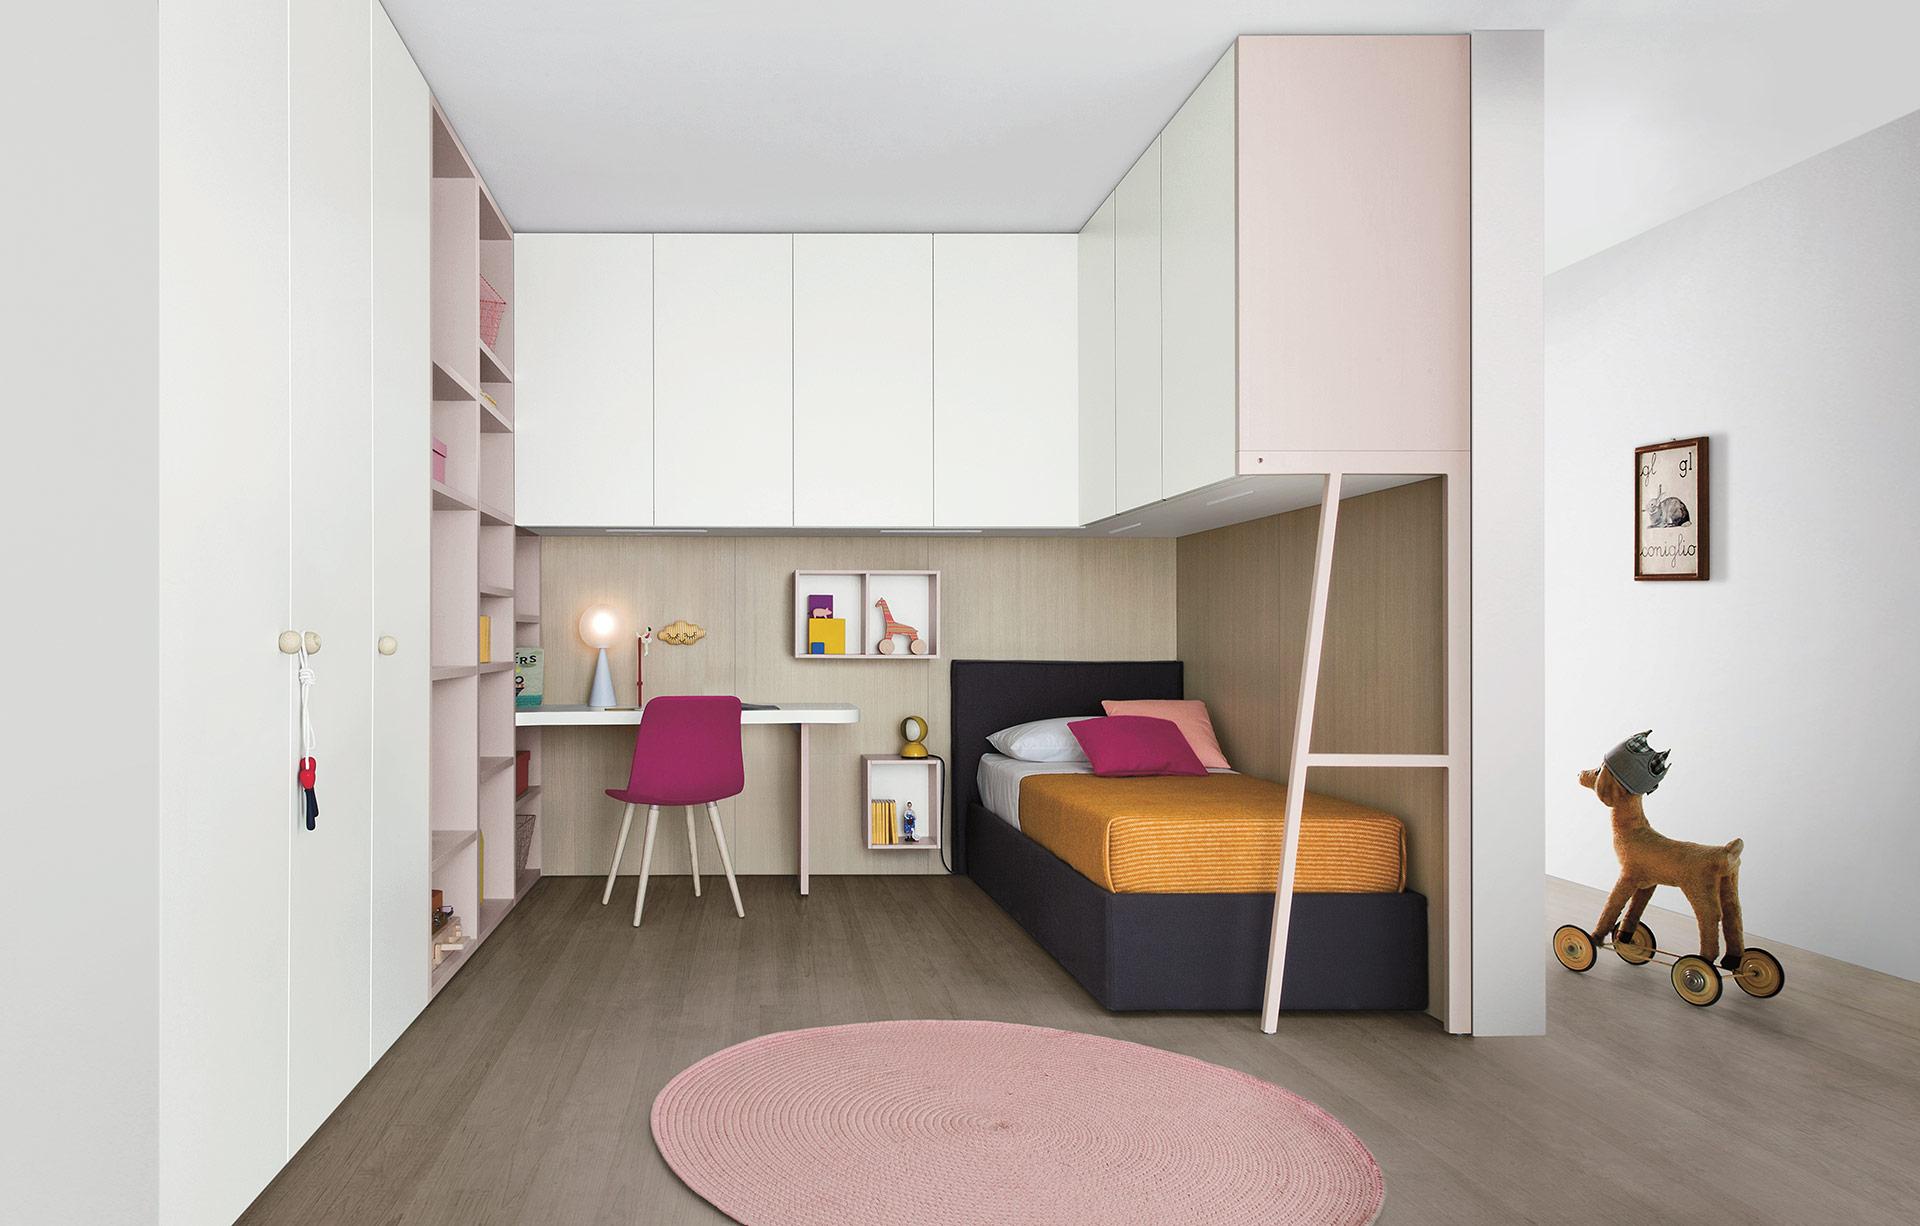 Letti ragazzi ikea letti ragazzi una piazza e mezza camerette a soppalco con letto a una piazza - Ikea camerette per bambini prezzi ...